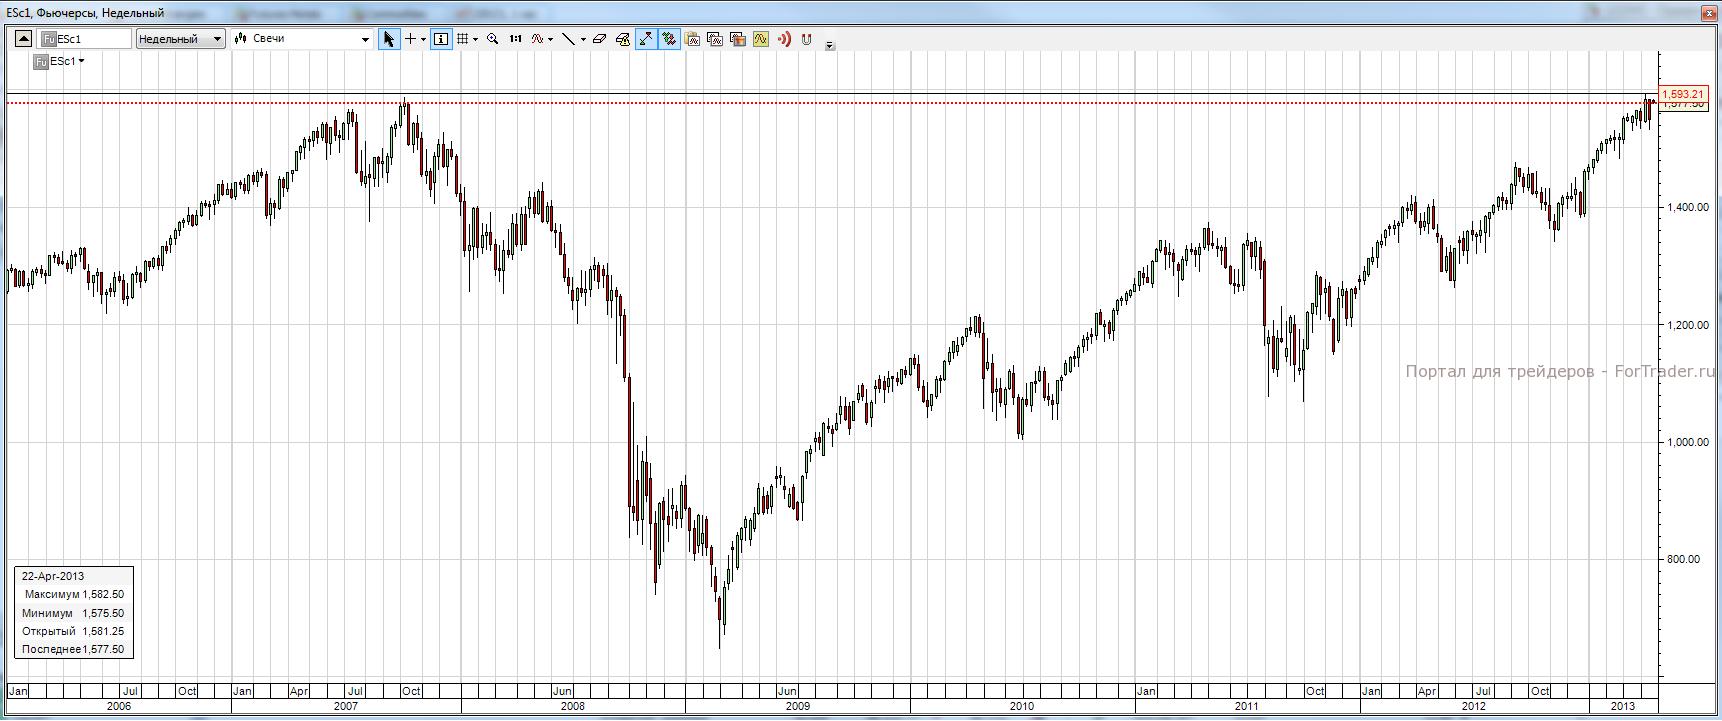 Рис. 1. Динамика индекса S&P500 2006-2013 гг.